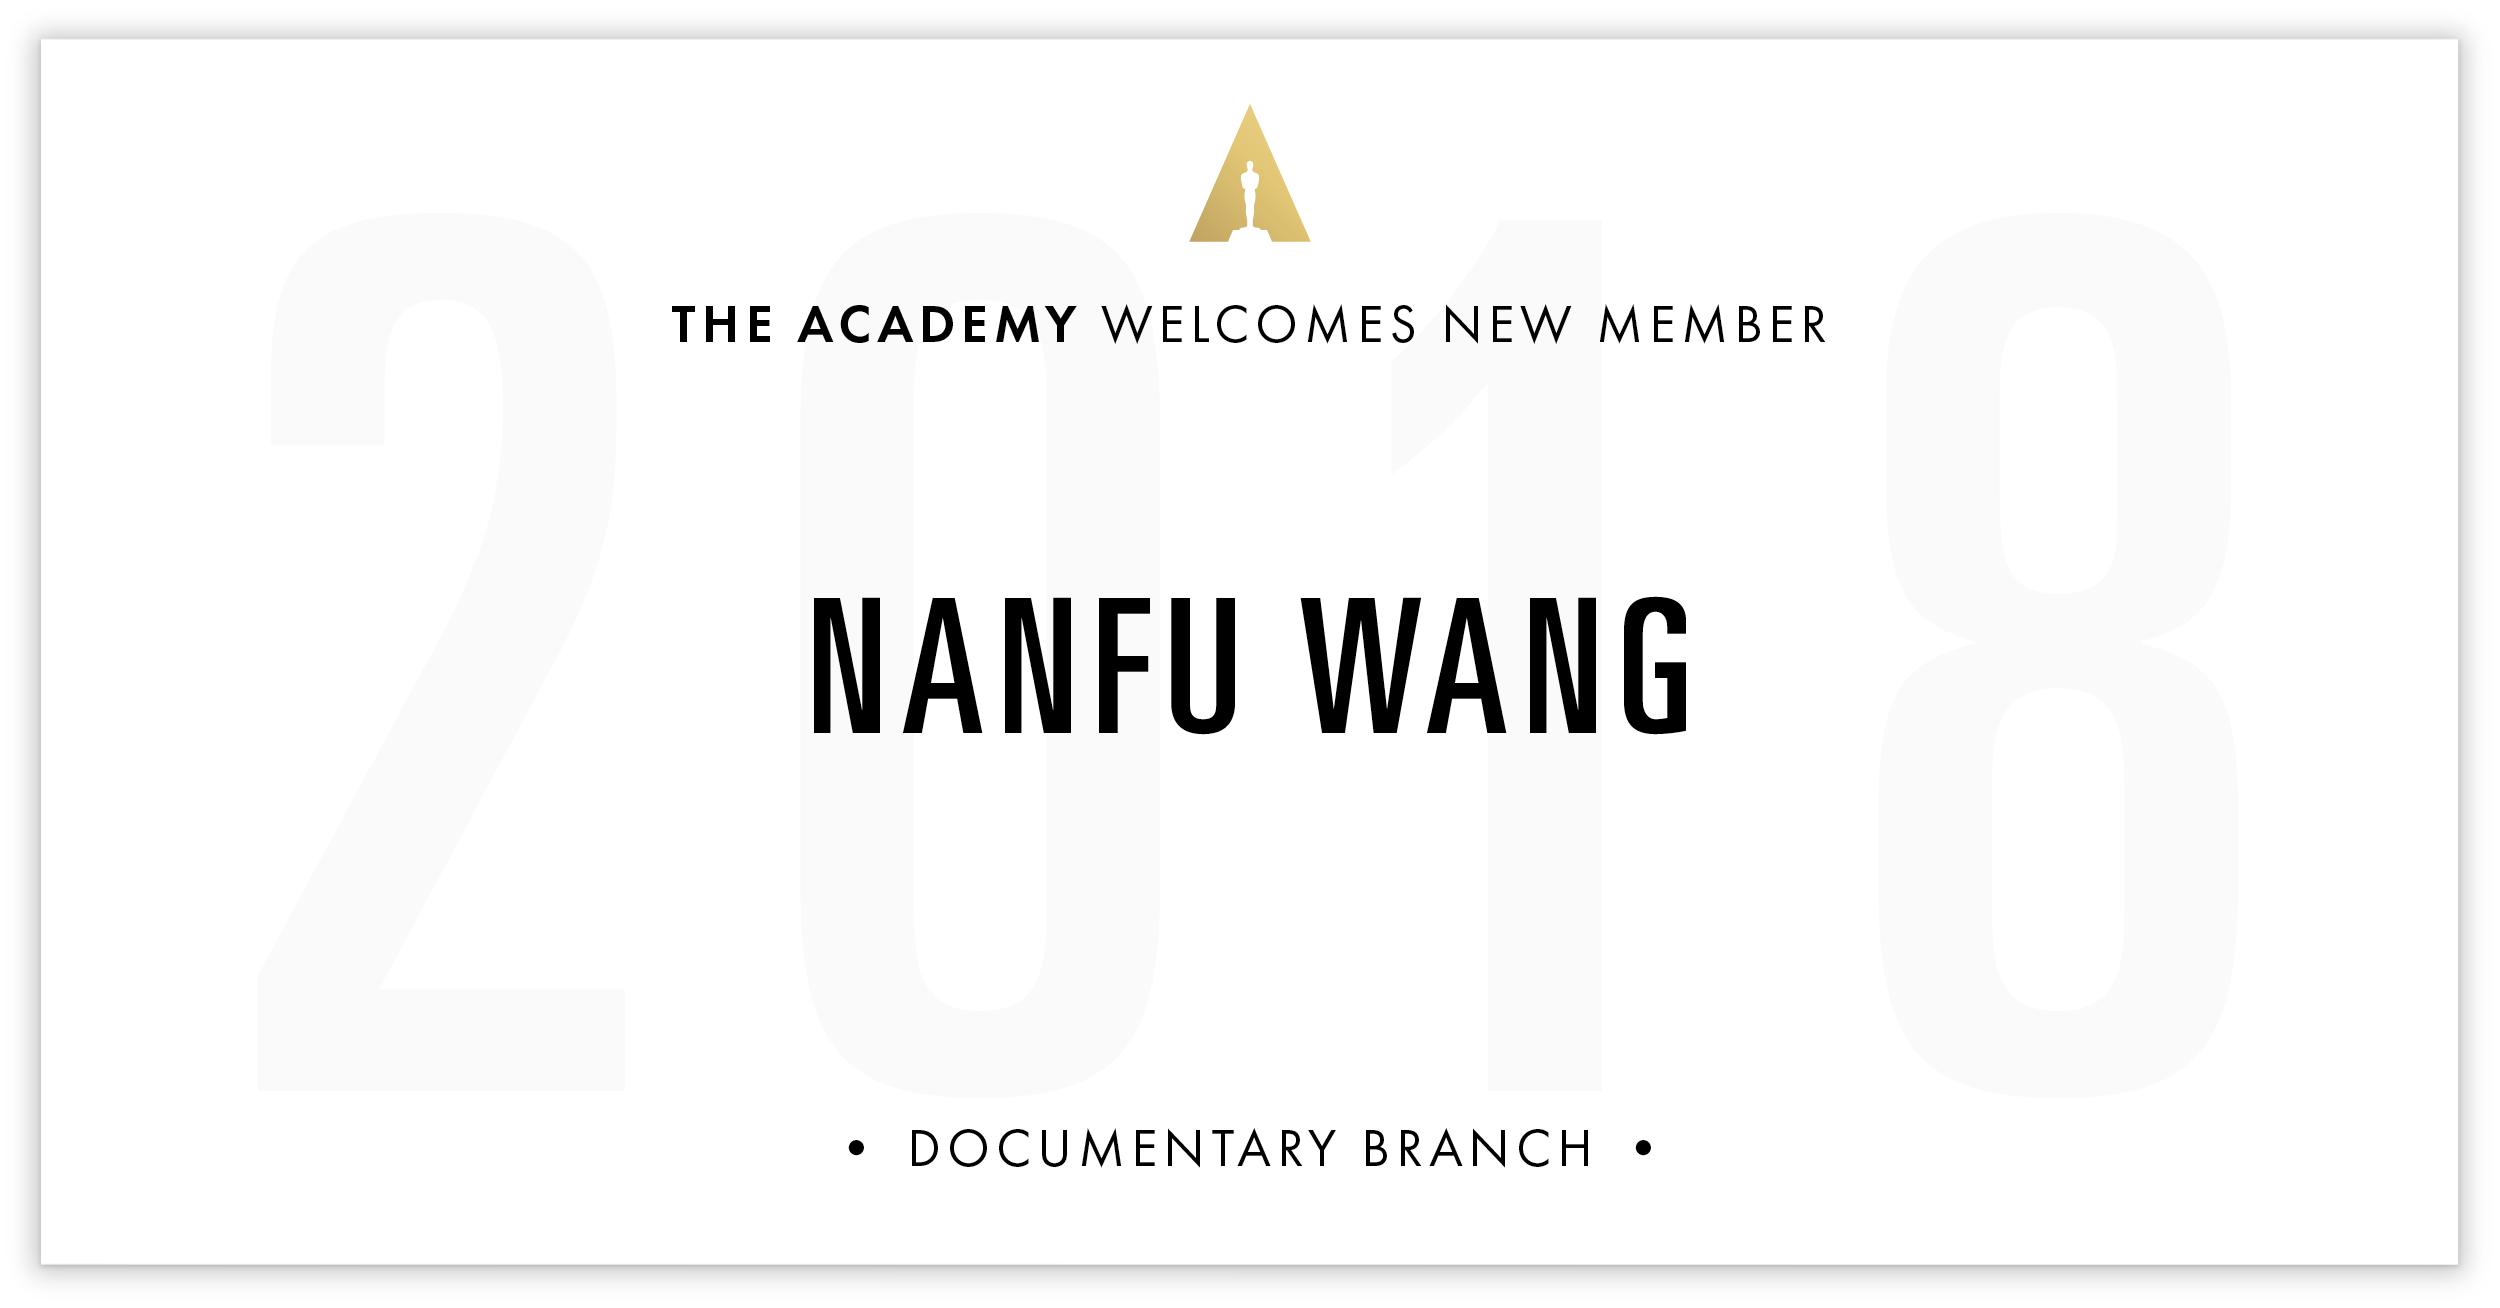 Nanfu Wang is invited!